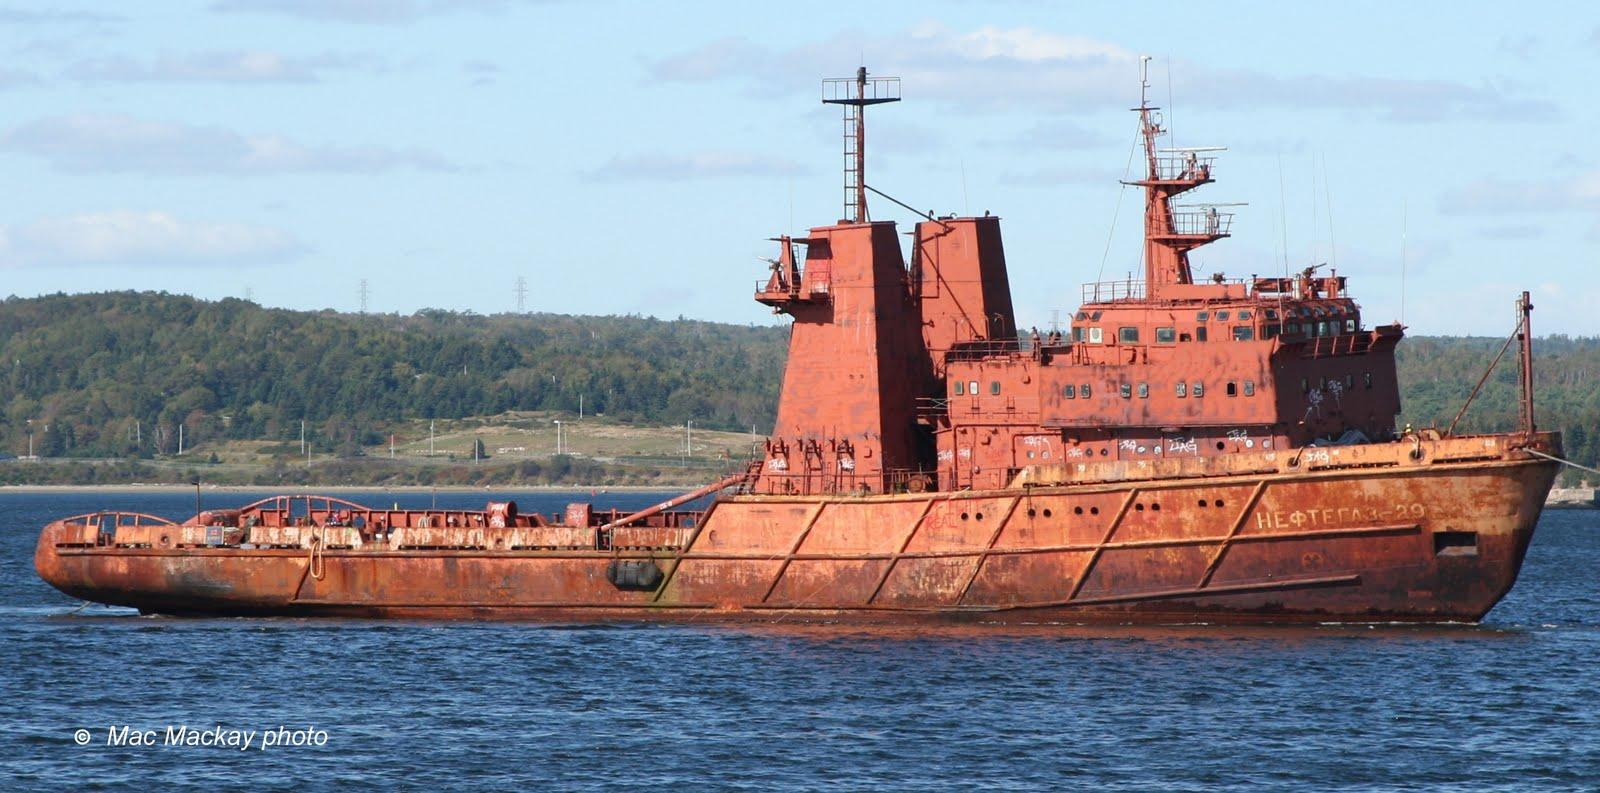 Argentina compra 4 remolcadores rusos - Página 2 IMG_4801%2BM29